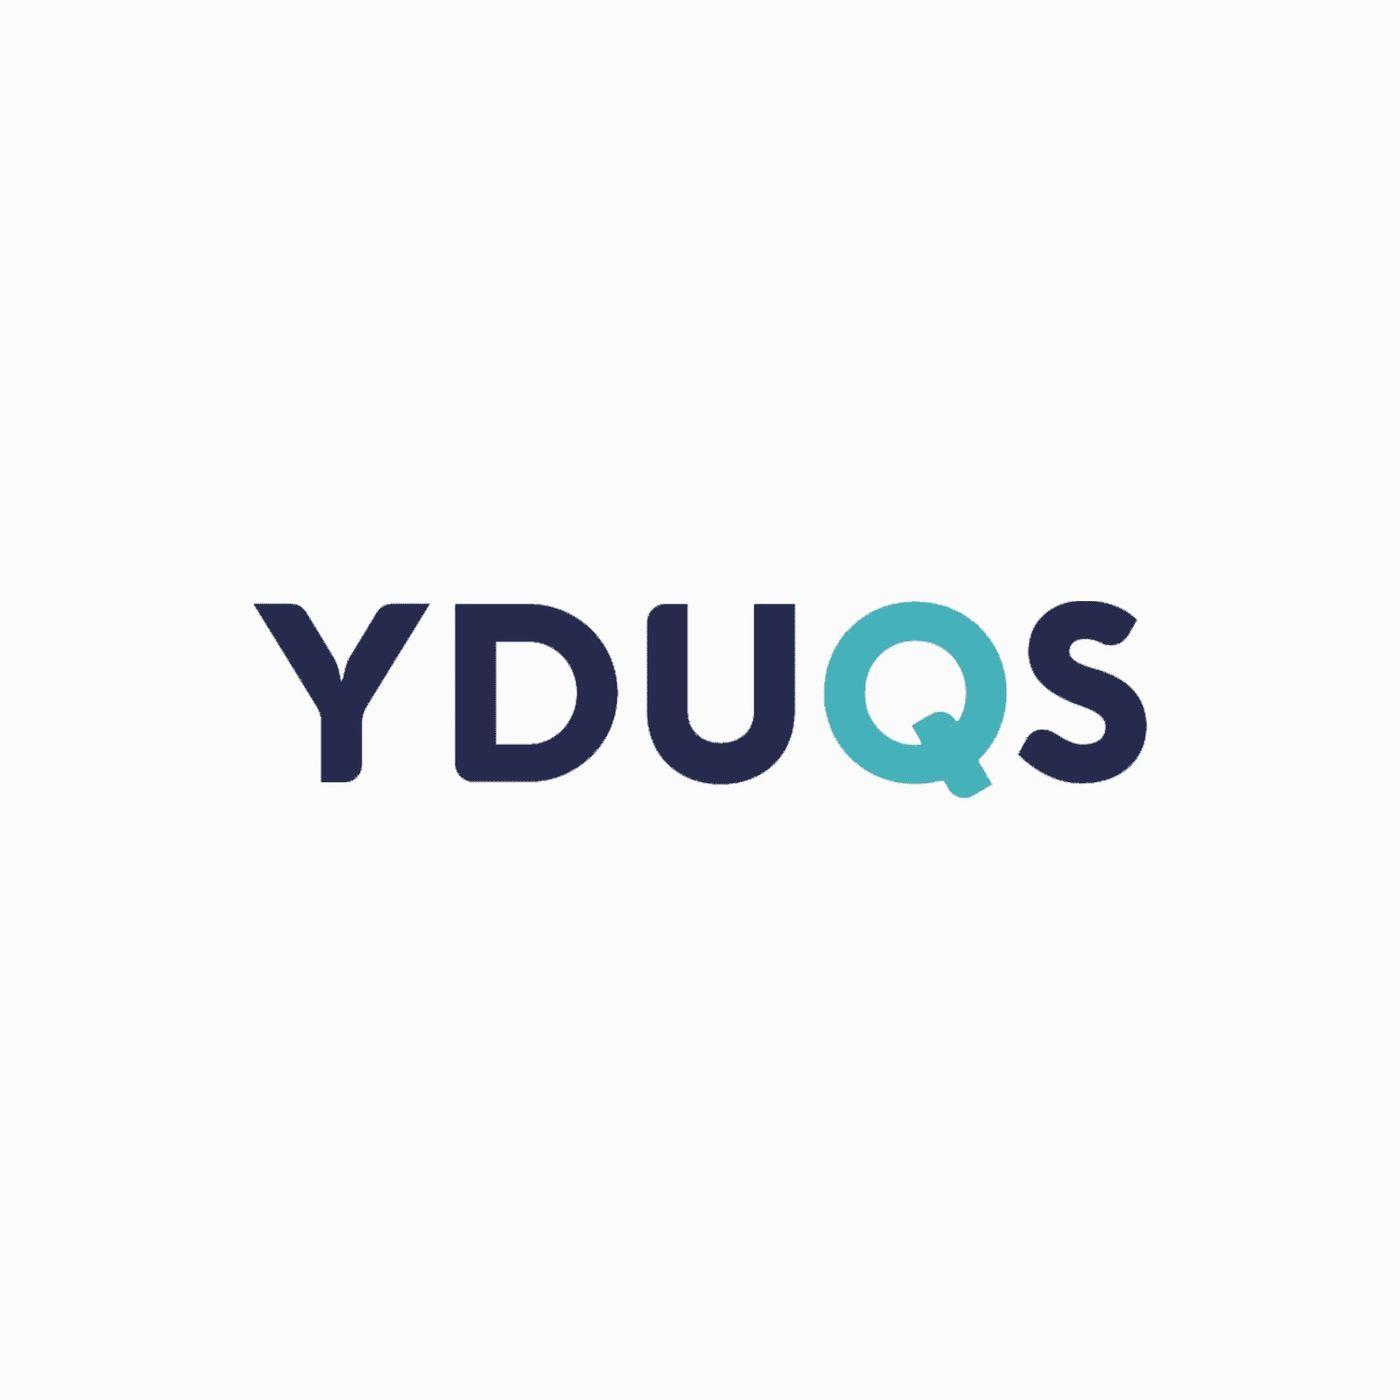 Teleconferência do Resultado Yduqs (YDUQ3) 4 trimestre 2019 - 4t19